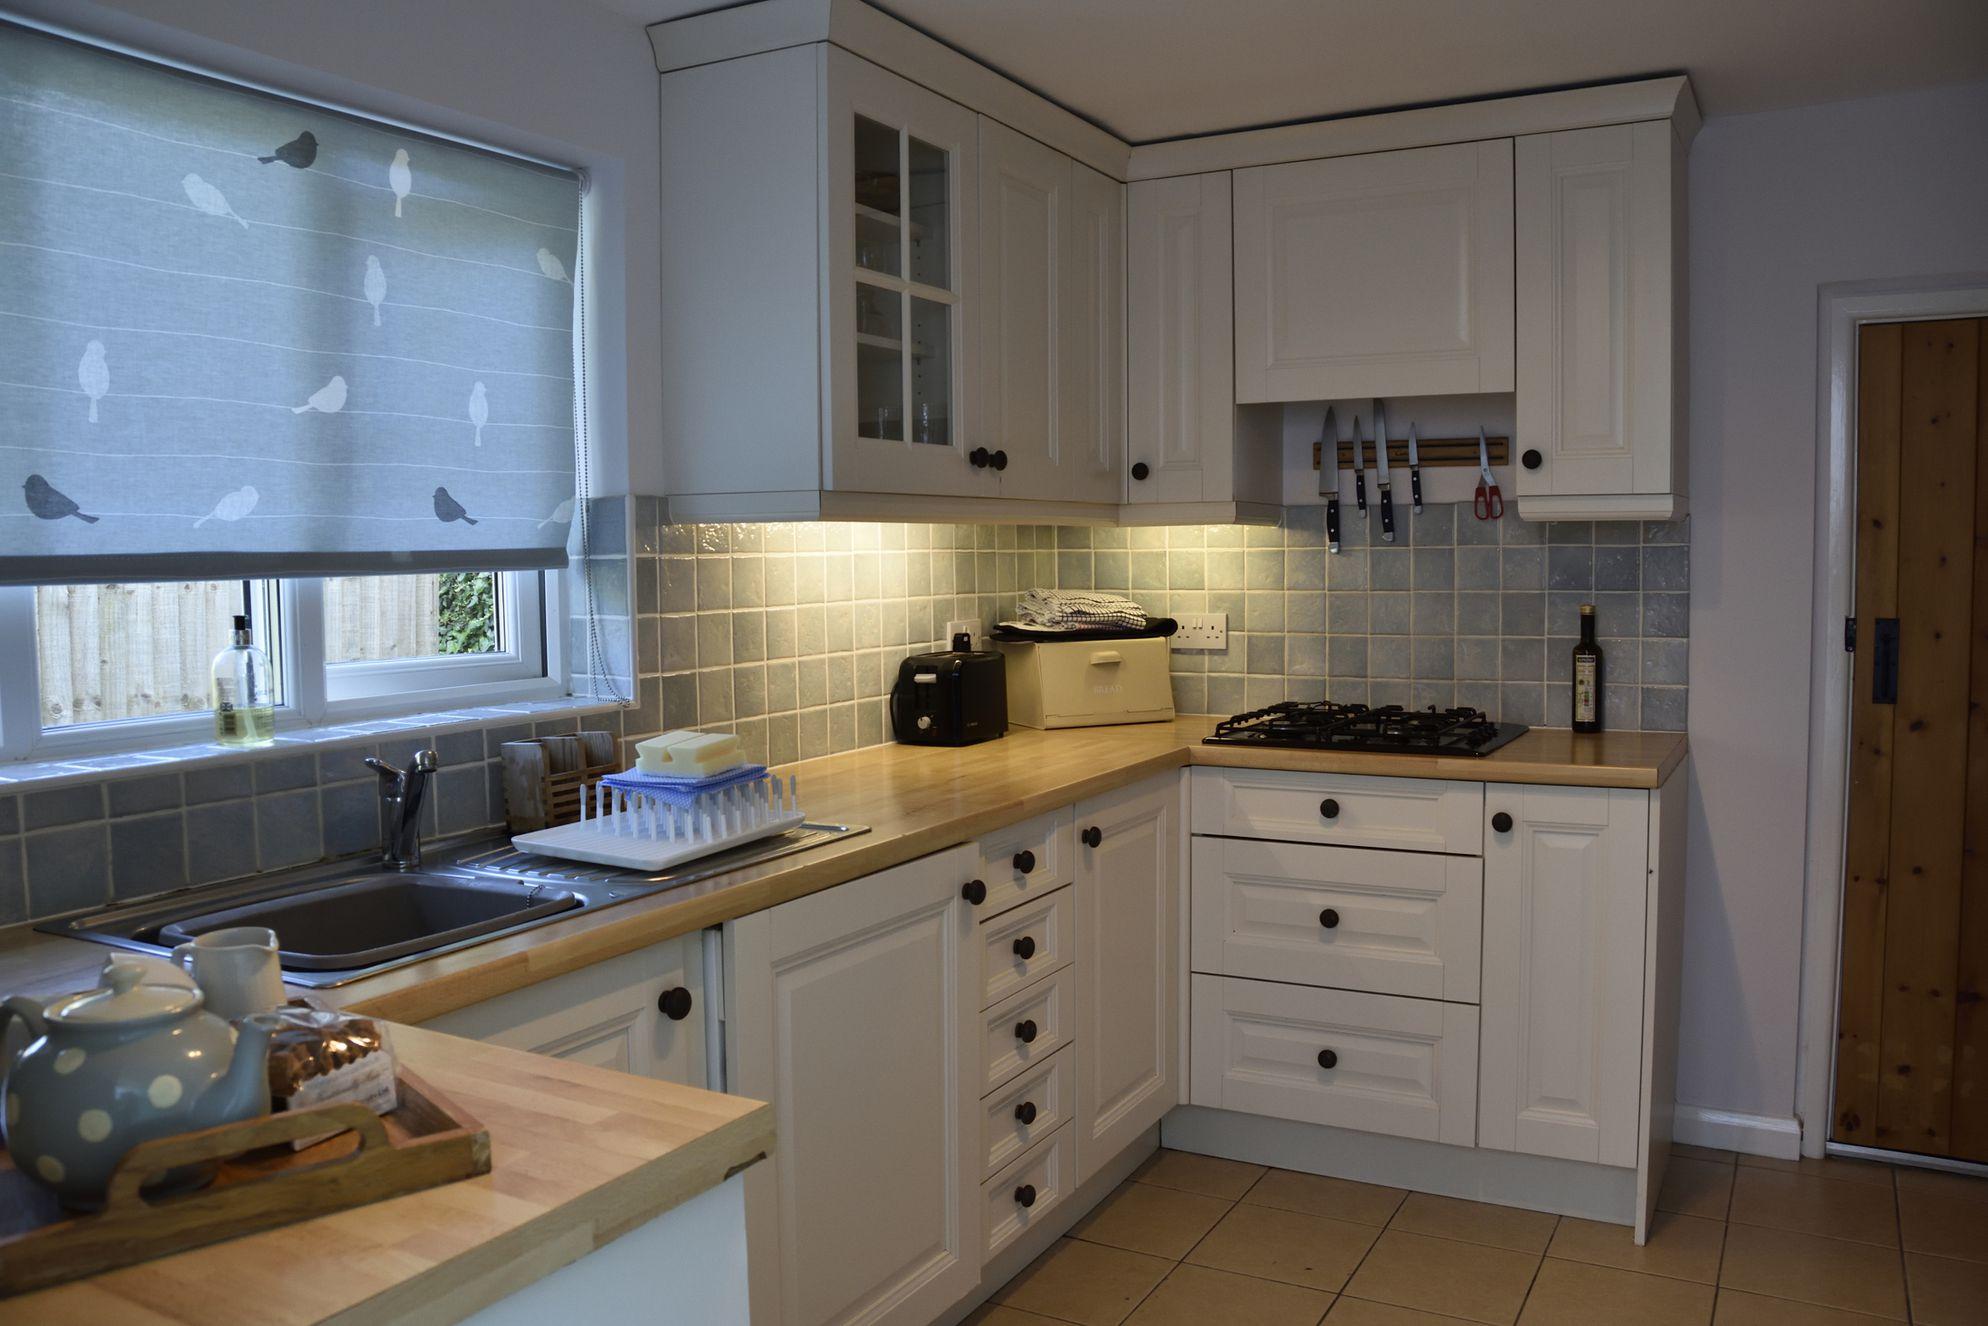 Old Post Cottage Devon, modern and stylish kitchen